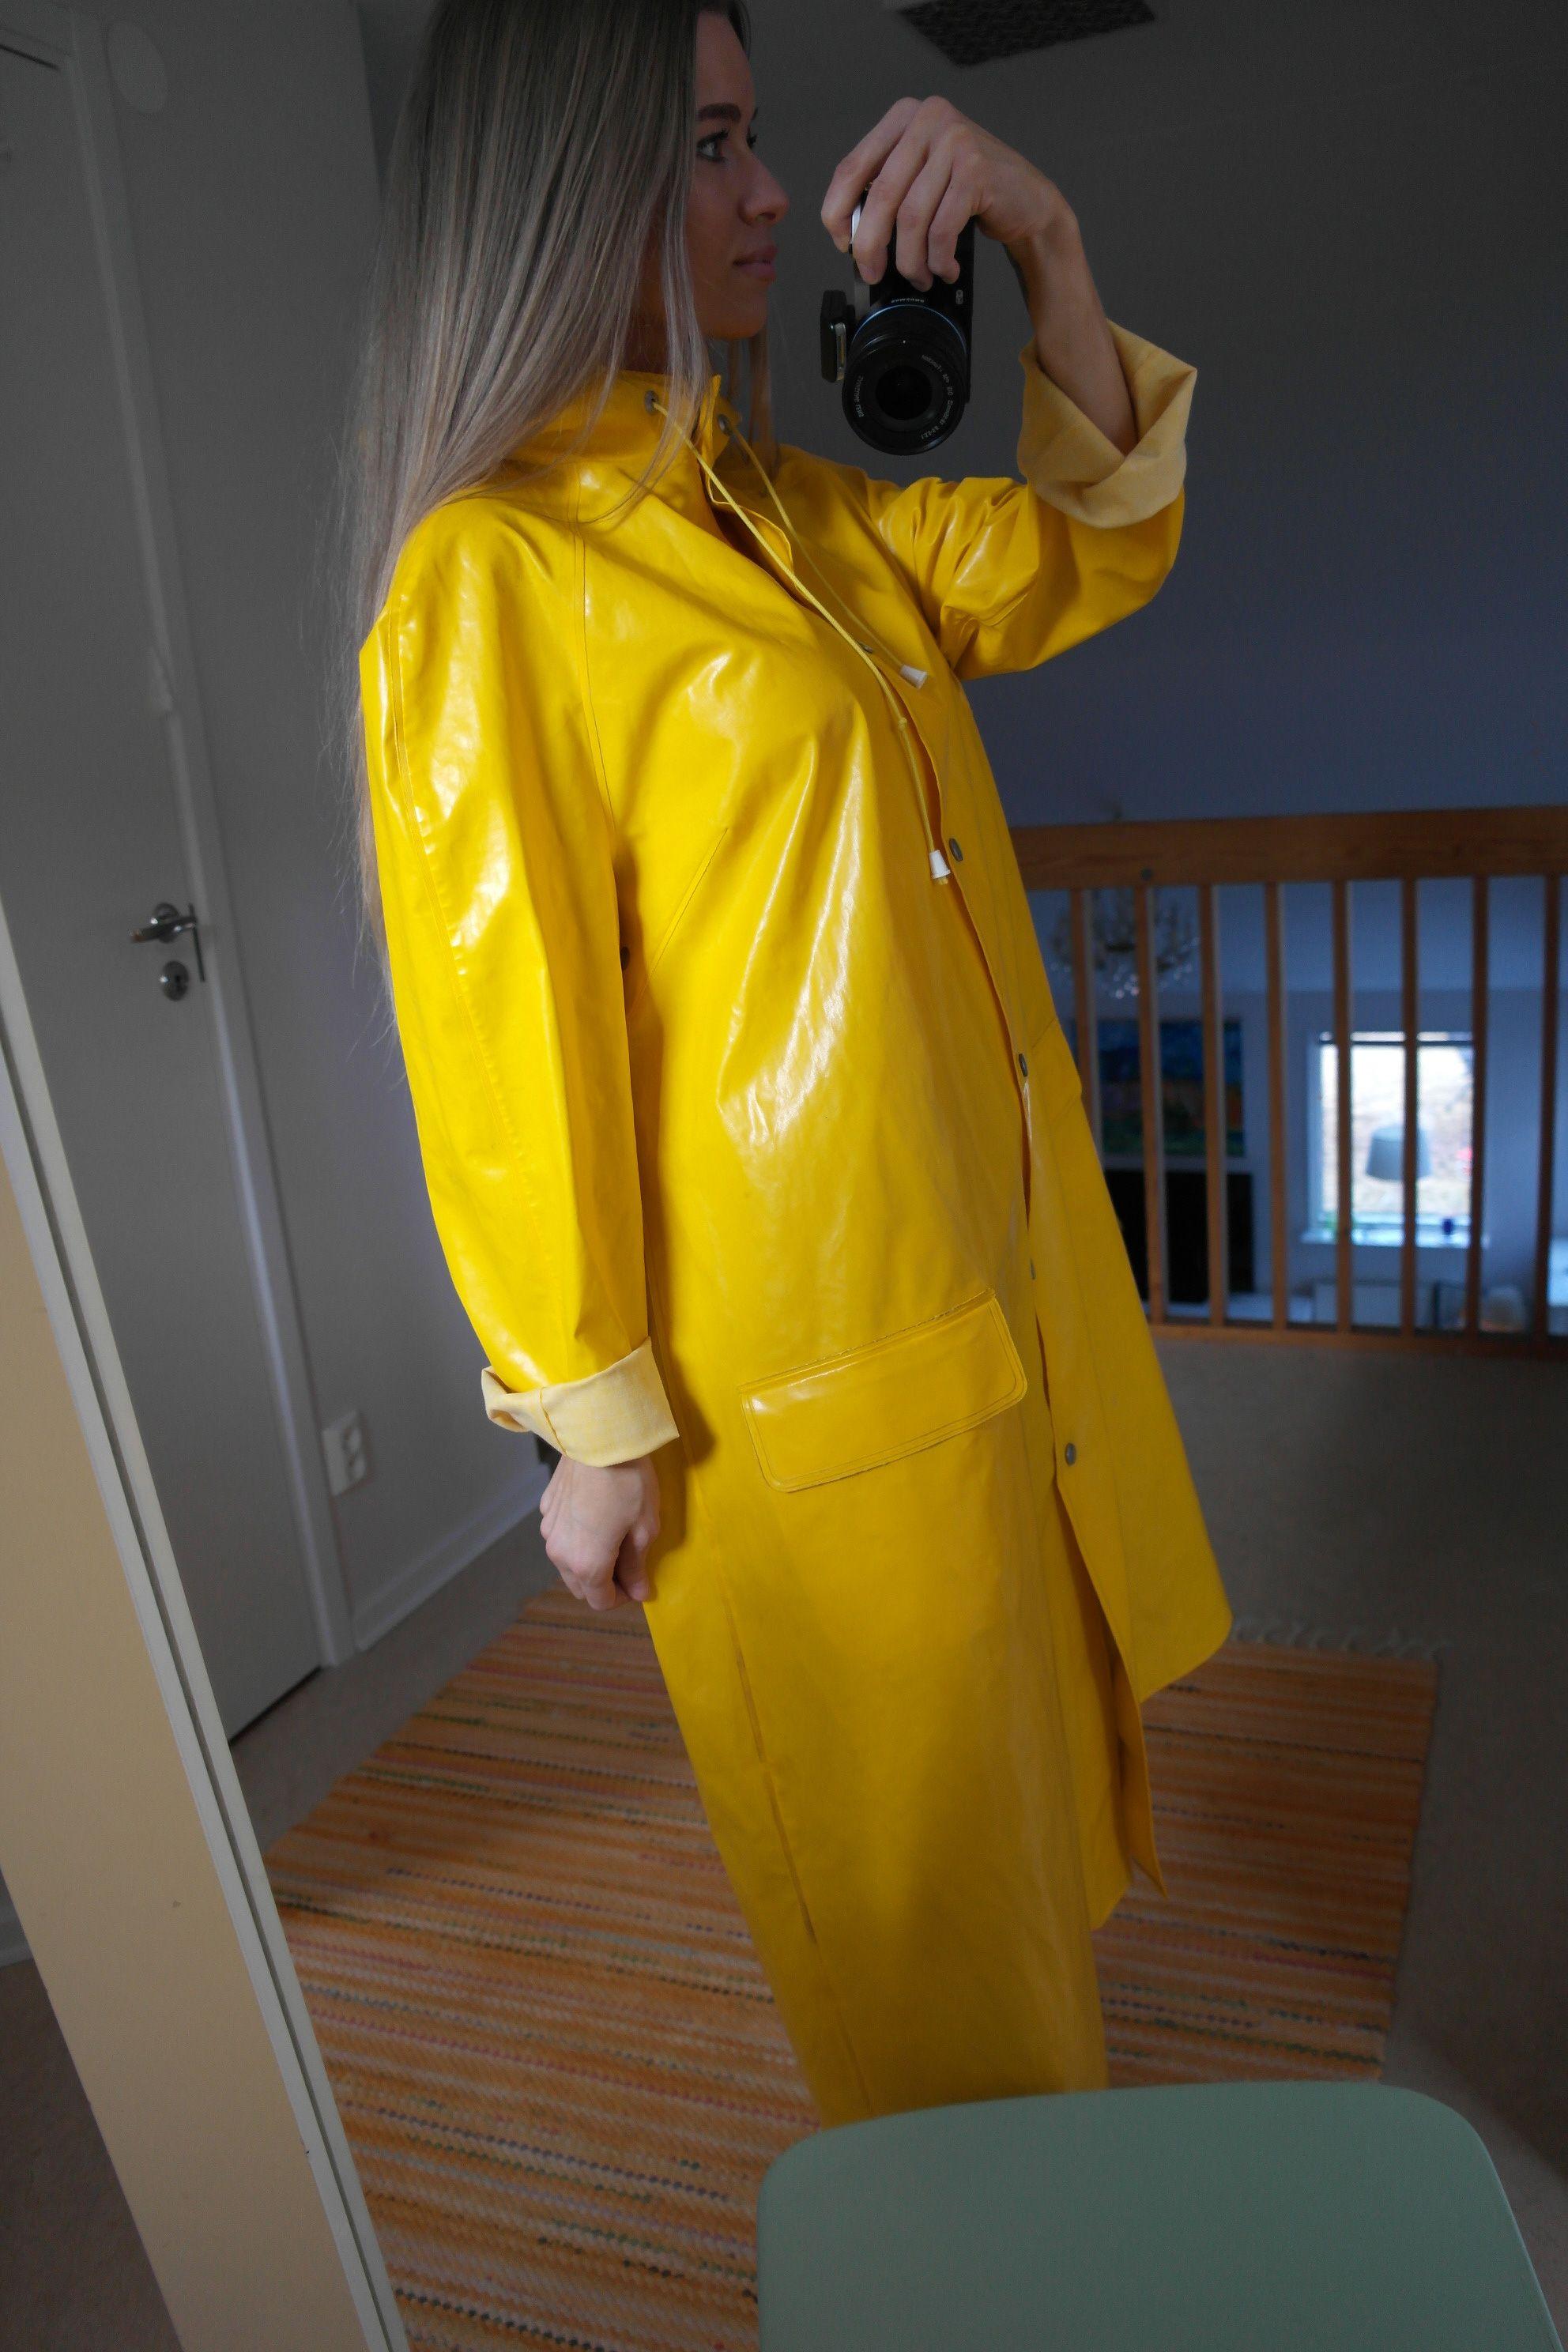 Rukka yellow raincoat | Raincoat | Pinterest | Yellow ...